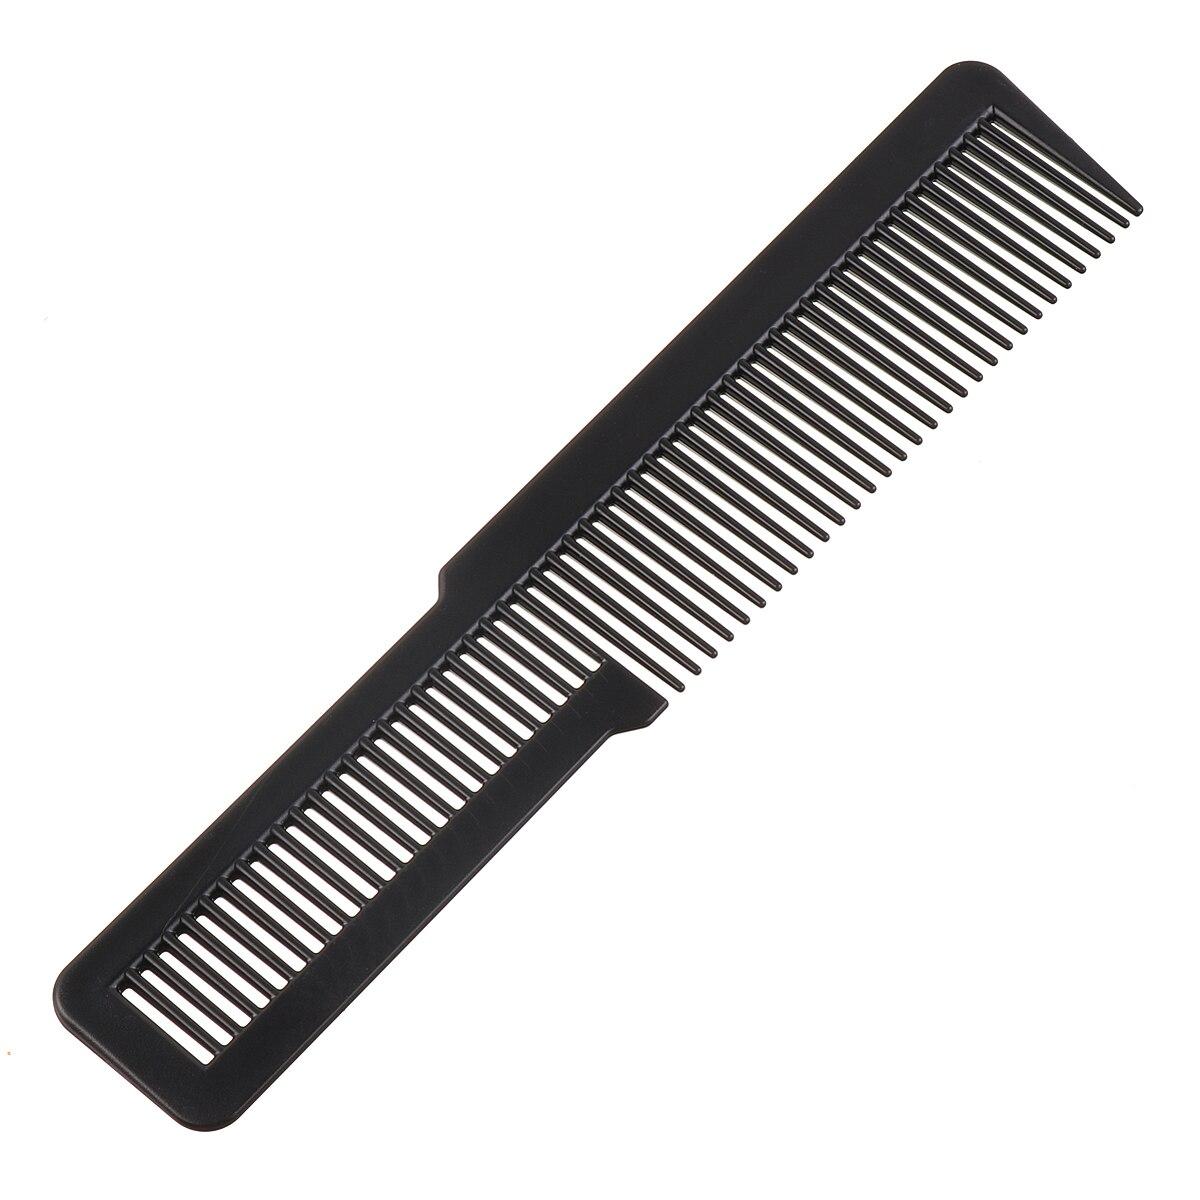 1 pz Pro Parrucchiere Tagliatore di Capelli Pettine Nuovo Disegno di Plastica Durevole Parrucchiere Taglio Pettine Strumento di Parrucchiere